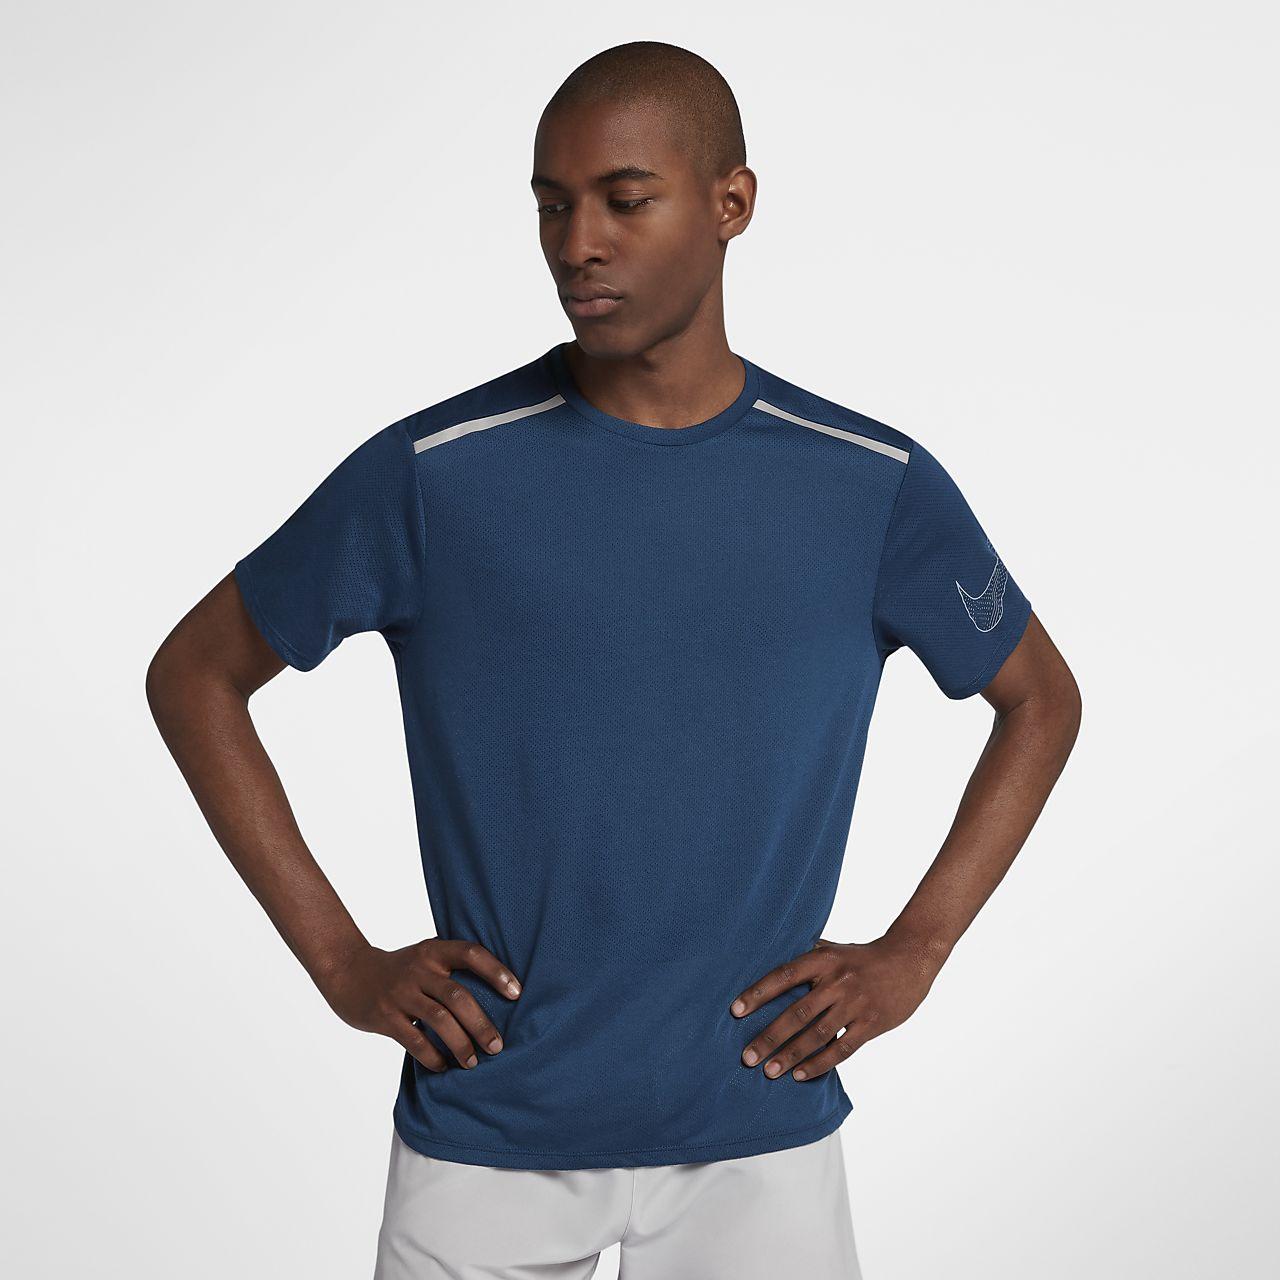 Pánské běžecké tričko s krátkým rukávem Nike Rise 365